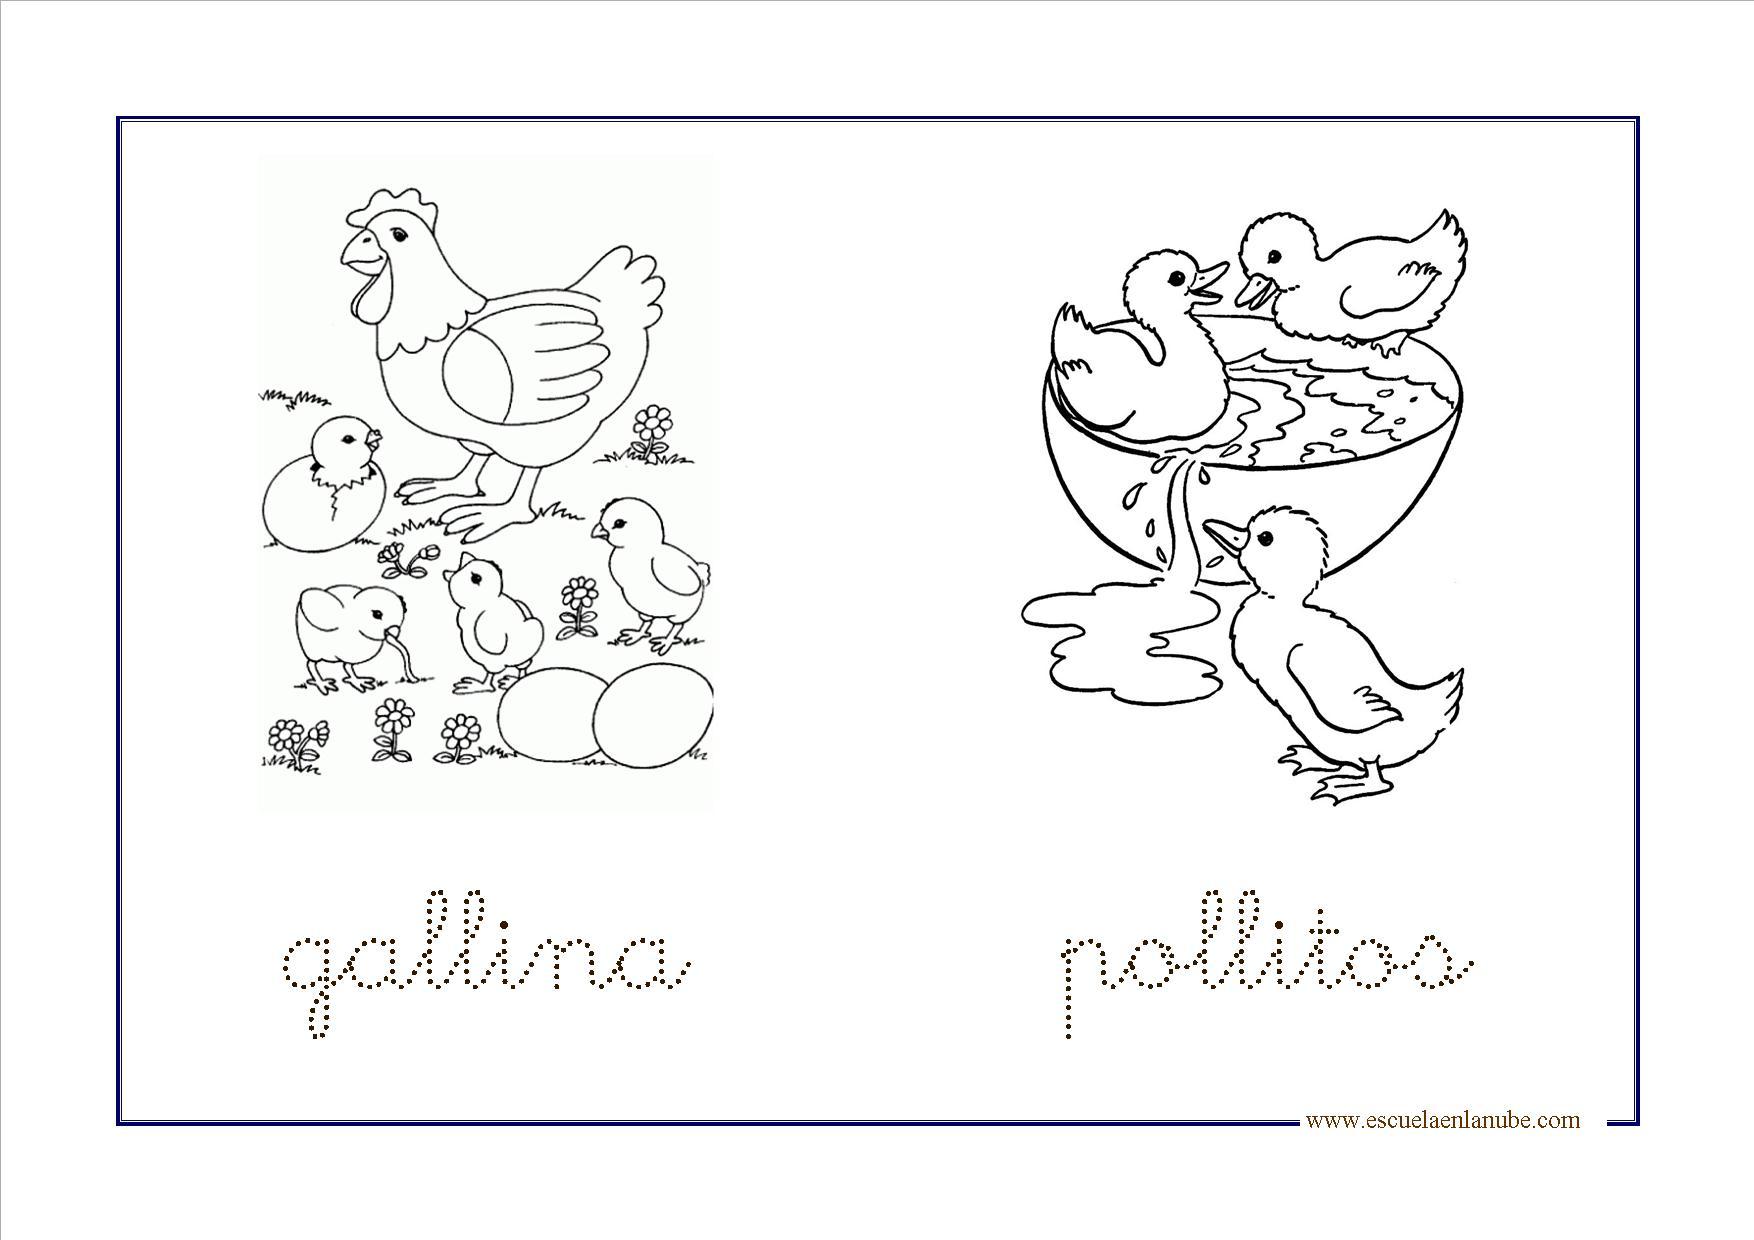 Inspirador Imagenes Para Colorear De Animales Infantiles | Colore Ar ...